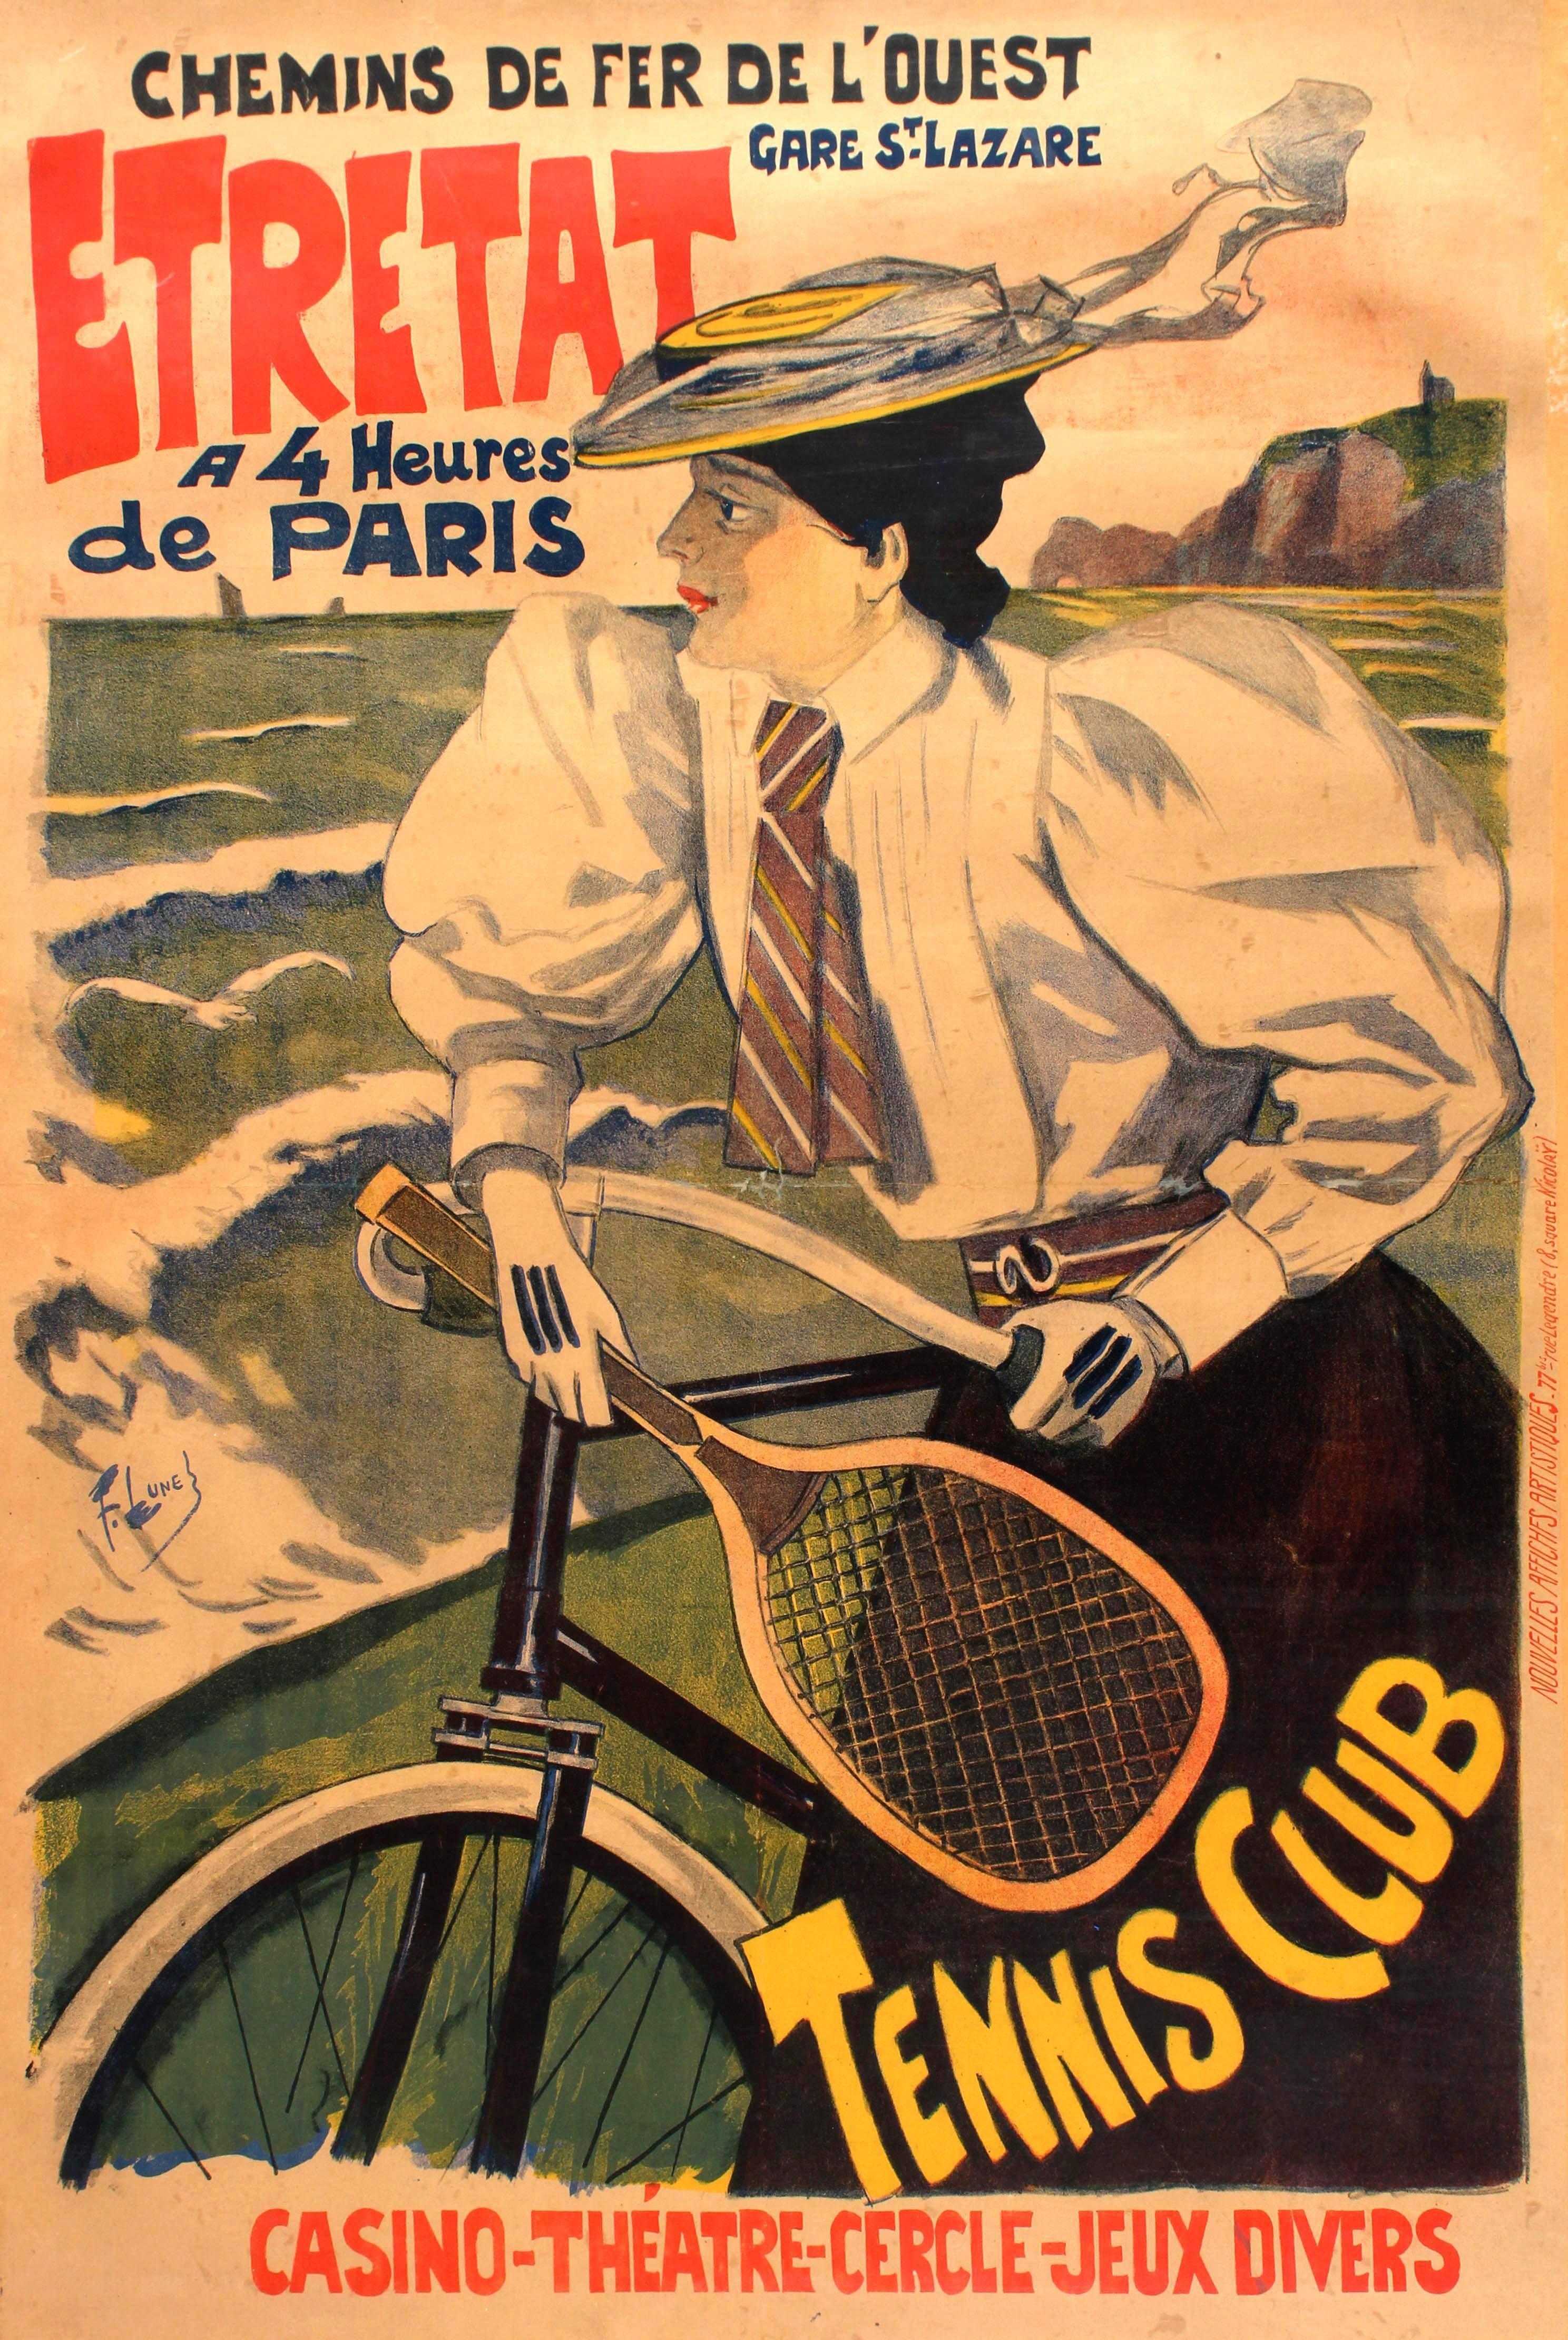 Original Antique Chemins De Fer De L'Ouest Paris Etretat Railway Poster - Tennis